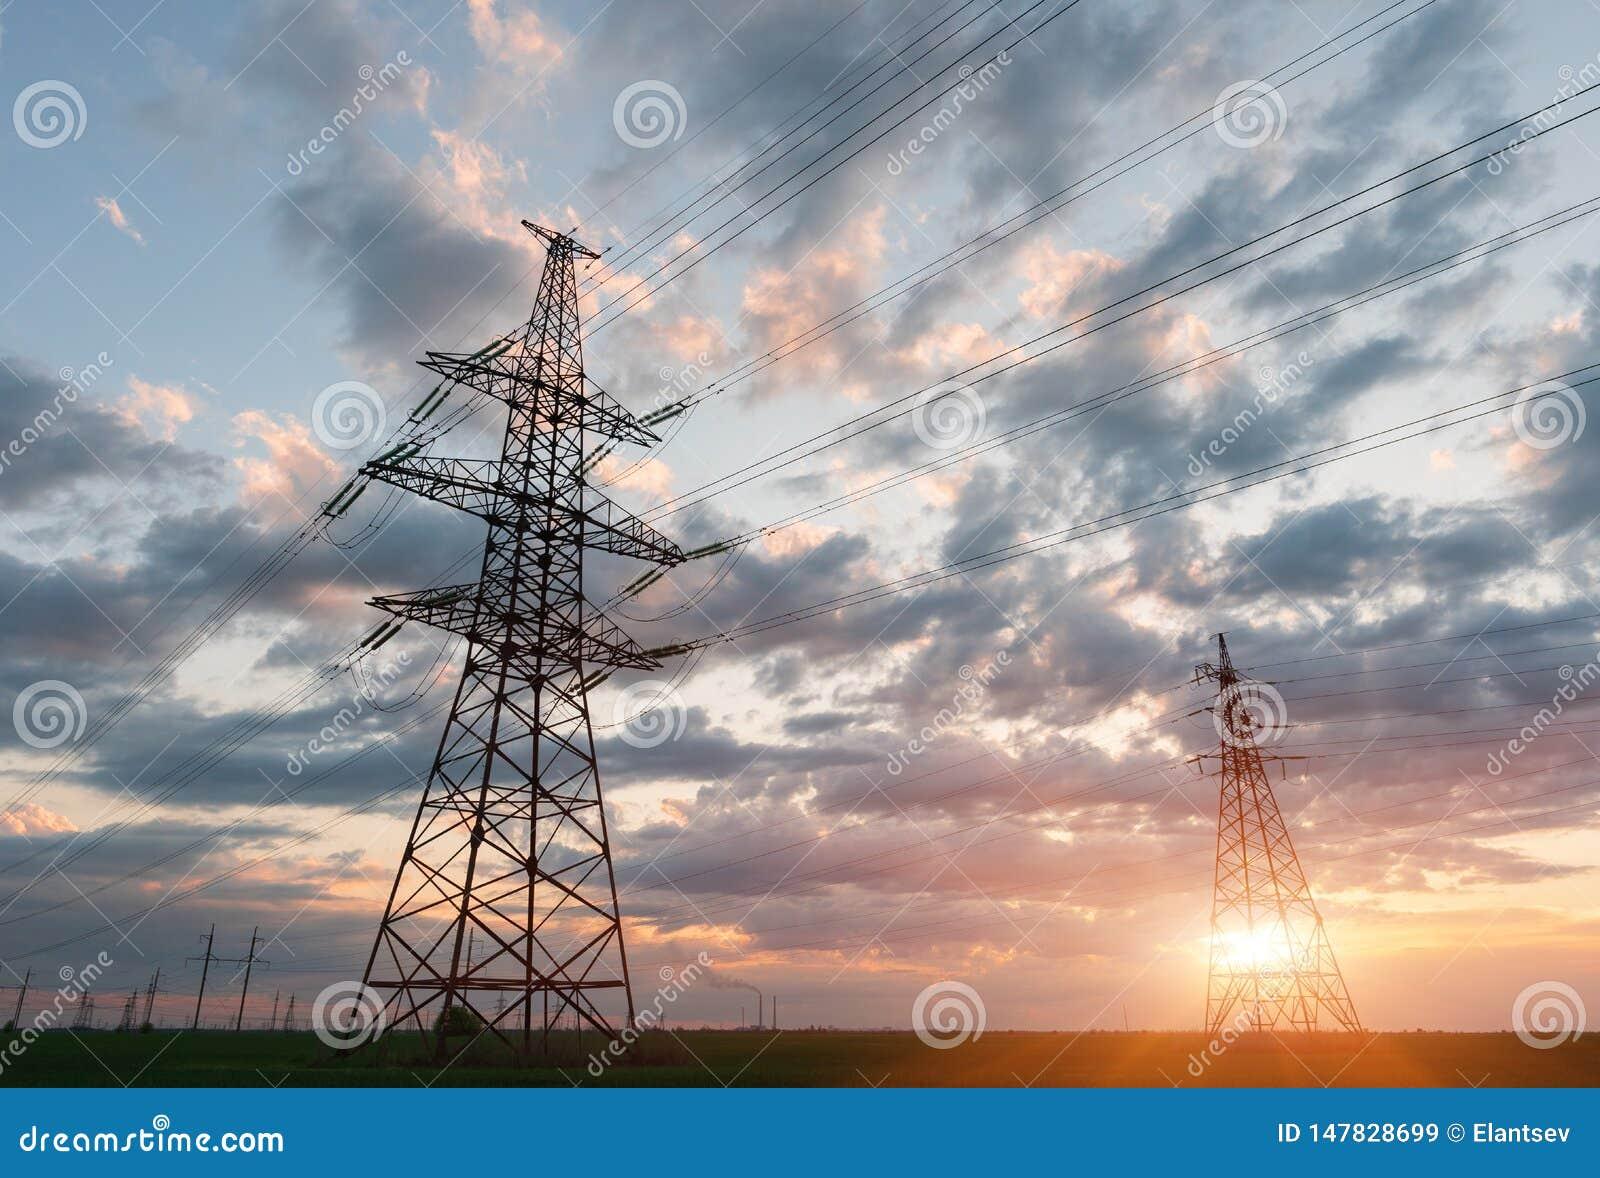 Υψηλής τάσεως ηλεκτροφόρα καλώδια Σταθμός διανομής ηλεκτρικής ενέργειας ηλεκτρικός πύργος μετάδοσης υψηλής τάσης Διανομή ηλεκτρικ